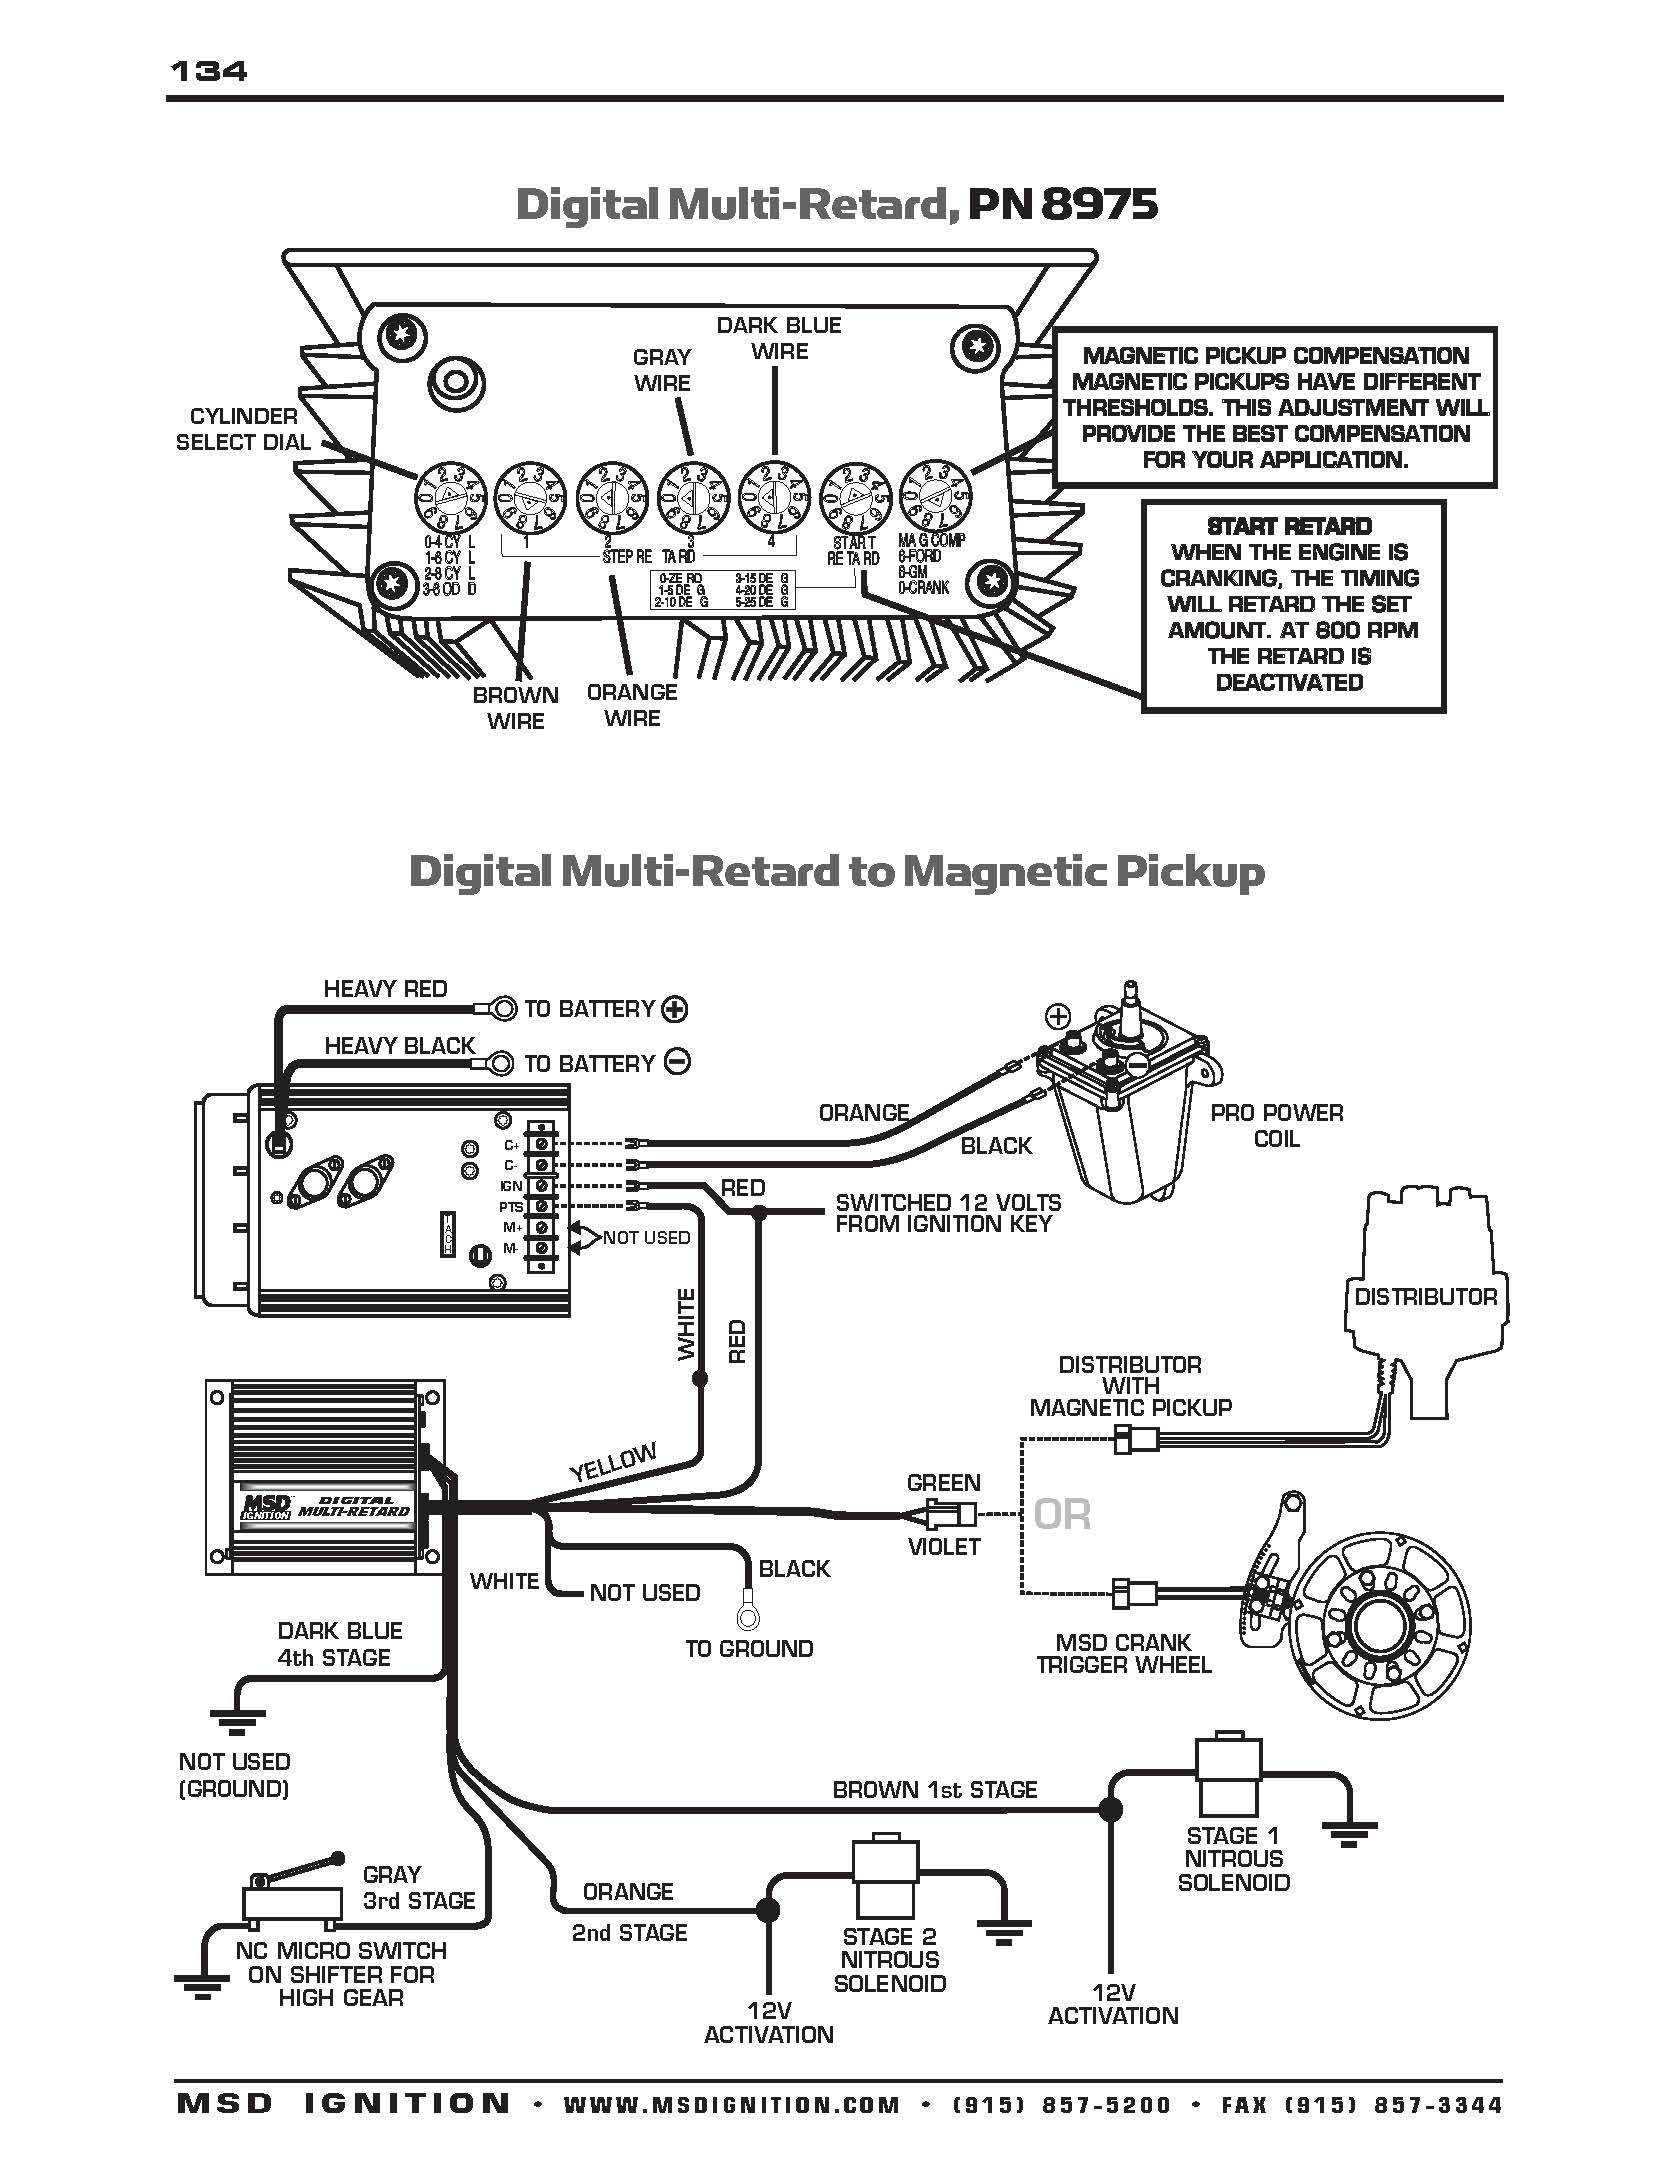 diagram] ford 460 msd 7al wiring diagram full version hd quality wiring  diagram - polewiringm.sergiomei.it  sergio mei